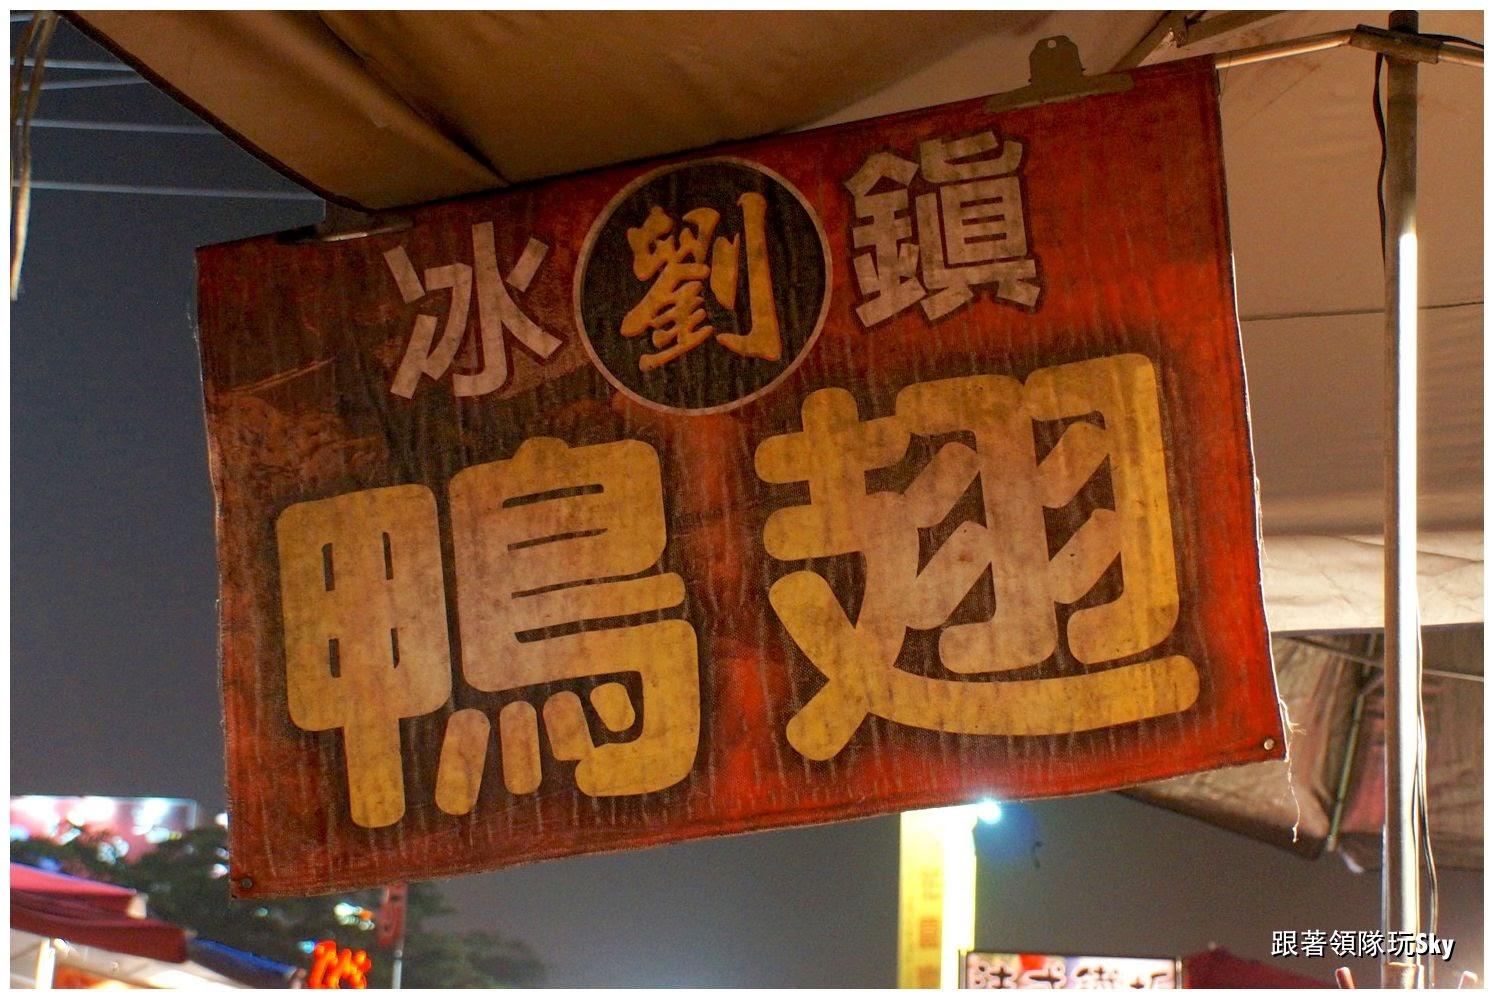 台南美食推薦【 劉冰鎮鴨翅 】花園夜市塞到爆攤位